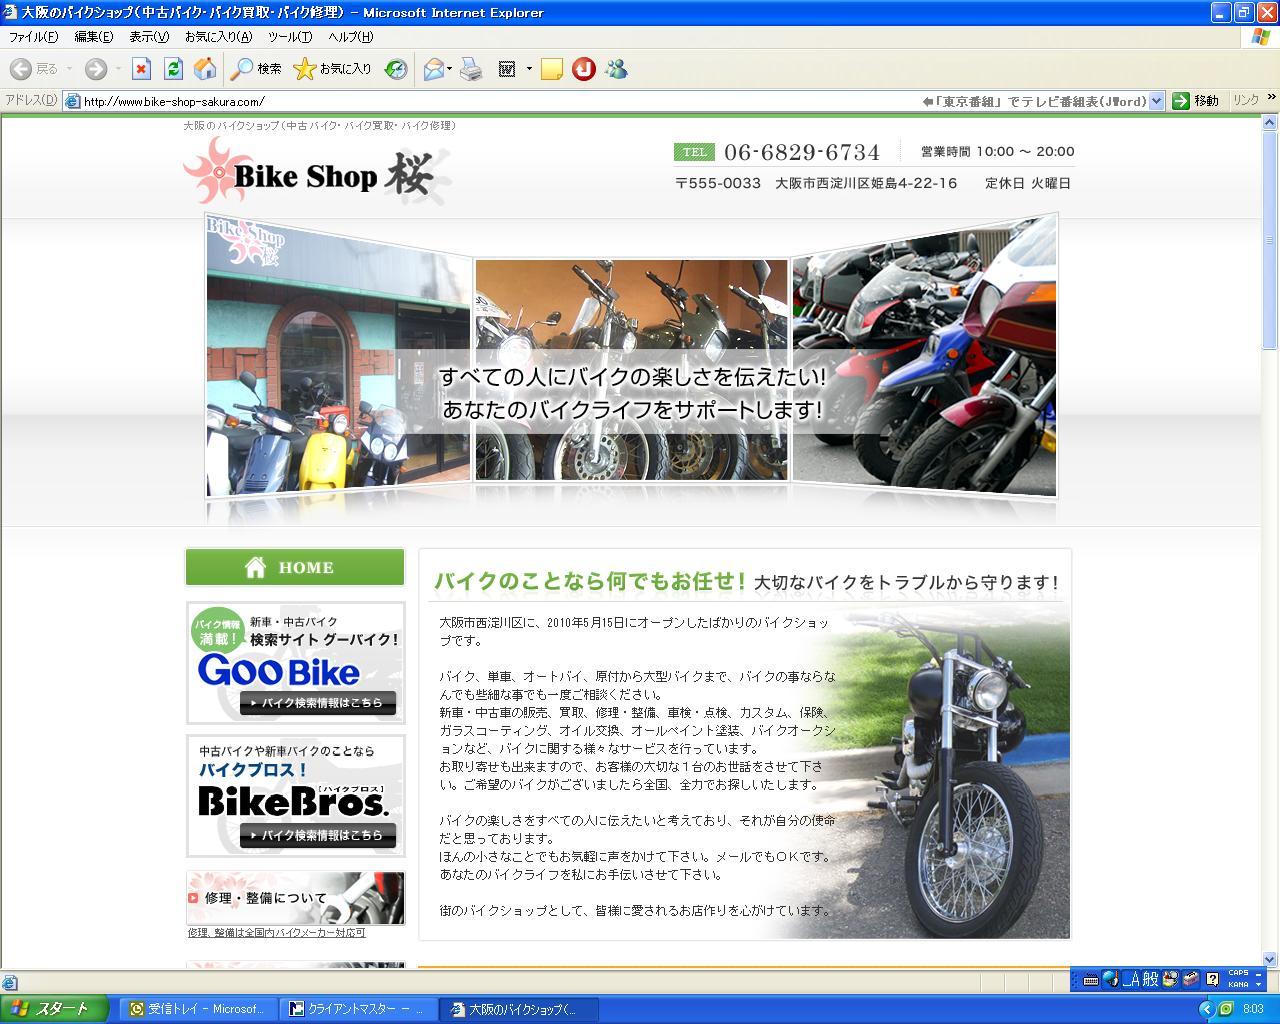 Bike Shop 桜